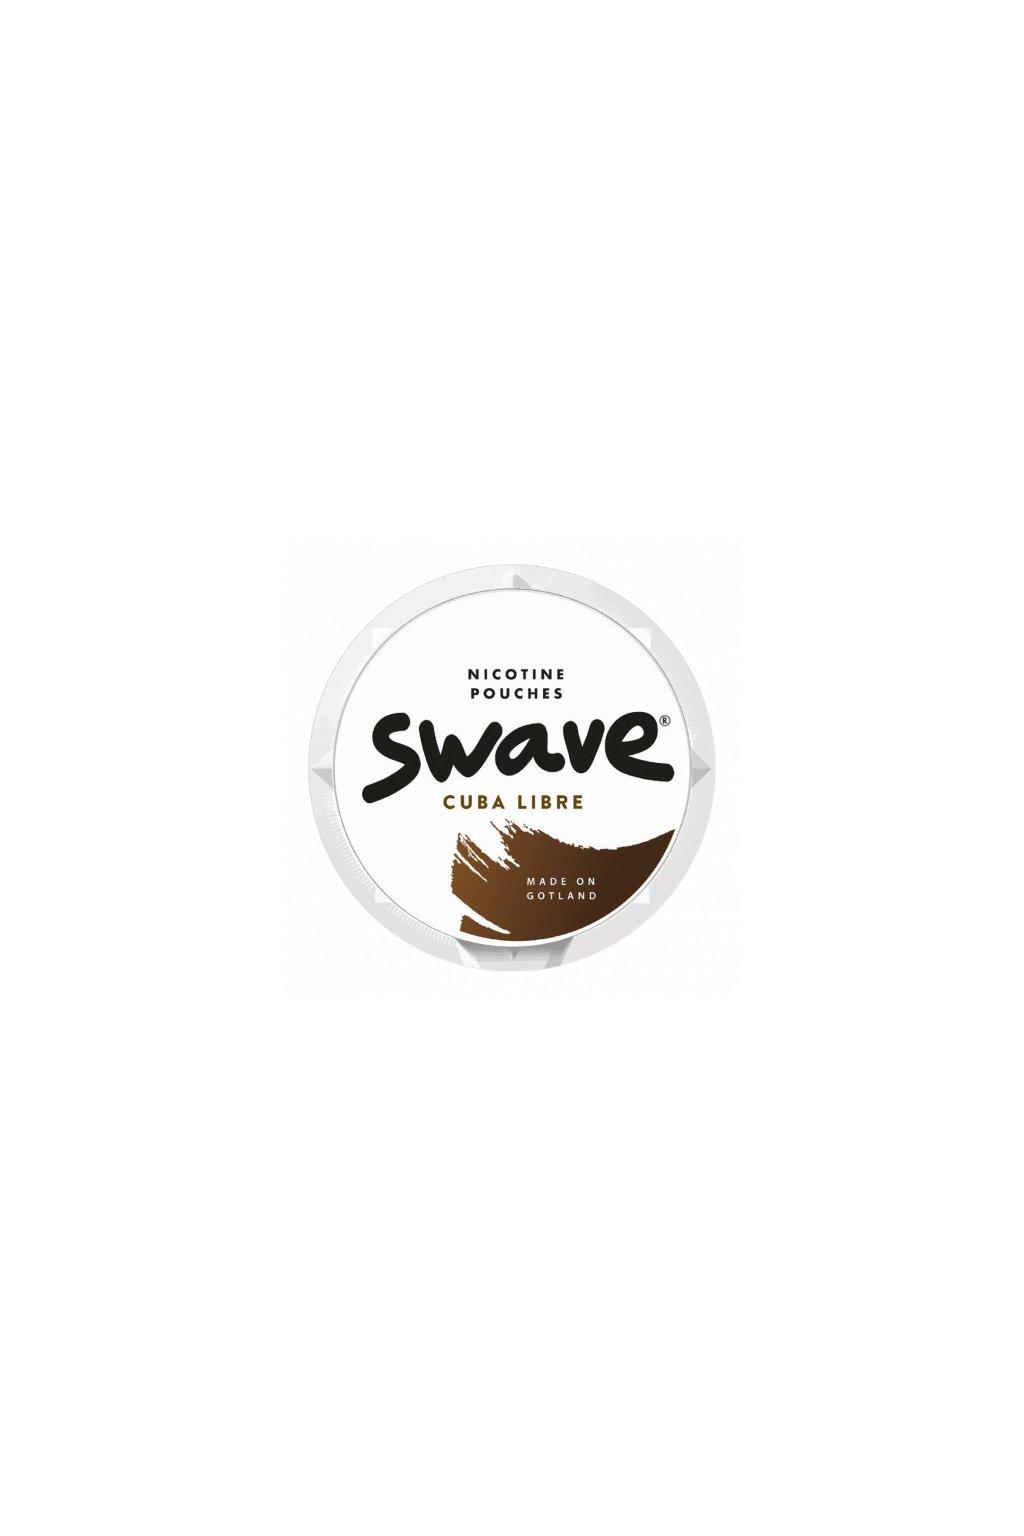 SWAVE Cuba Libre nikotinove sacky nicopods